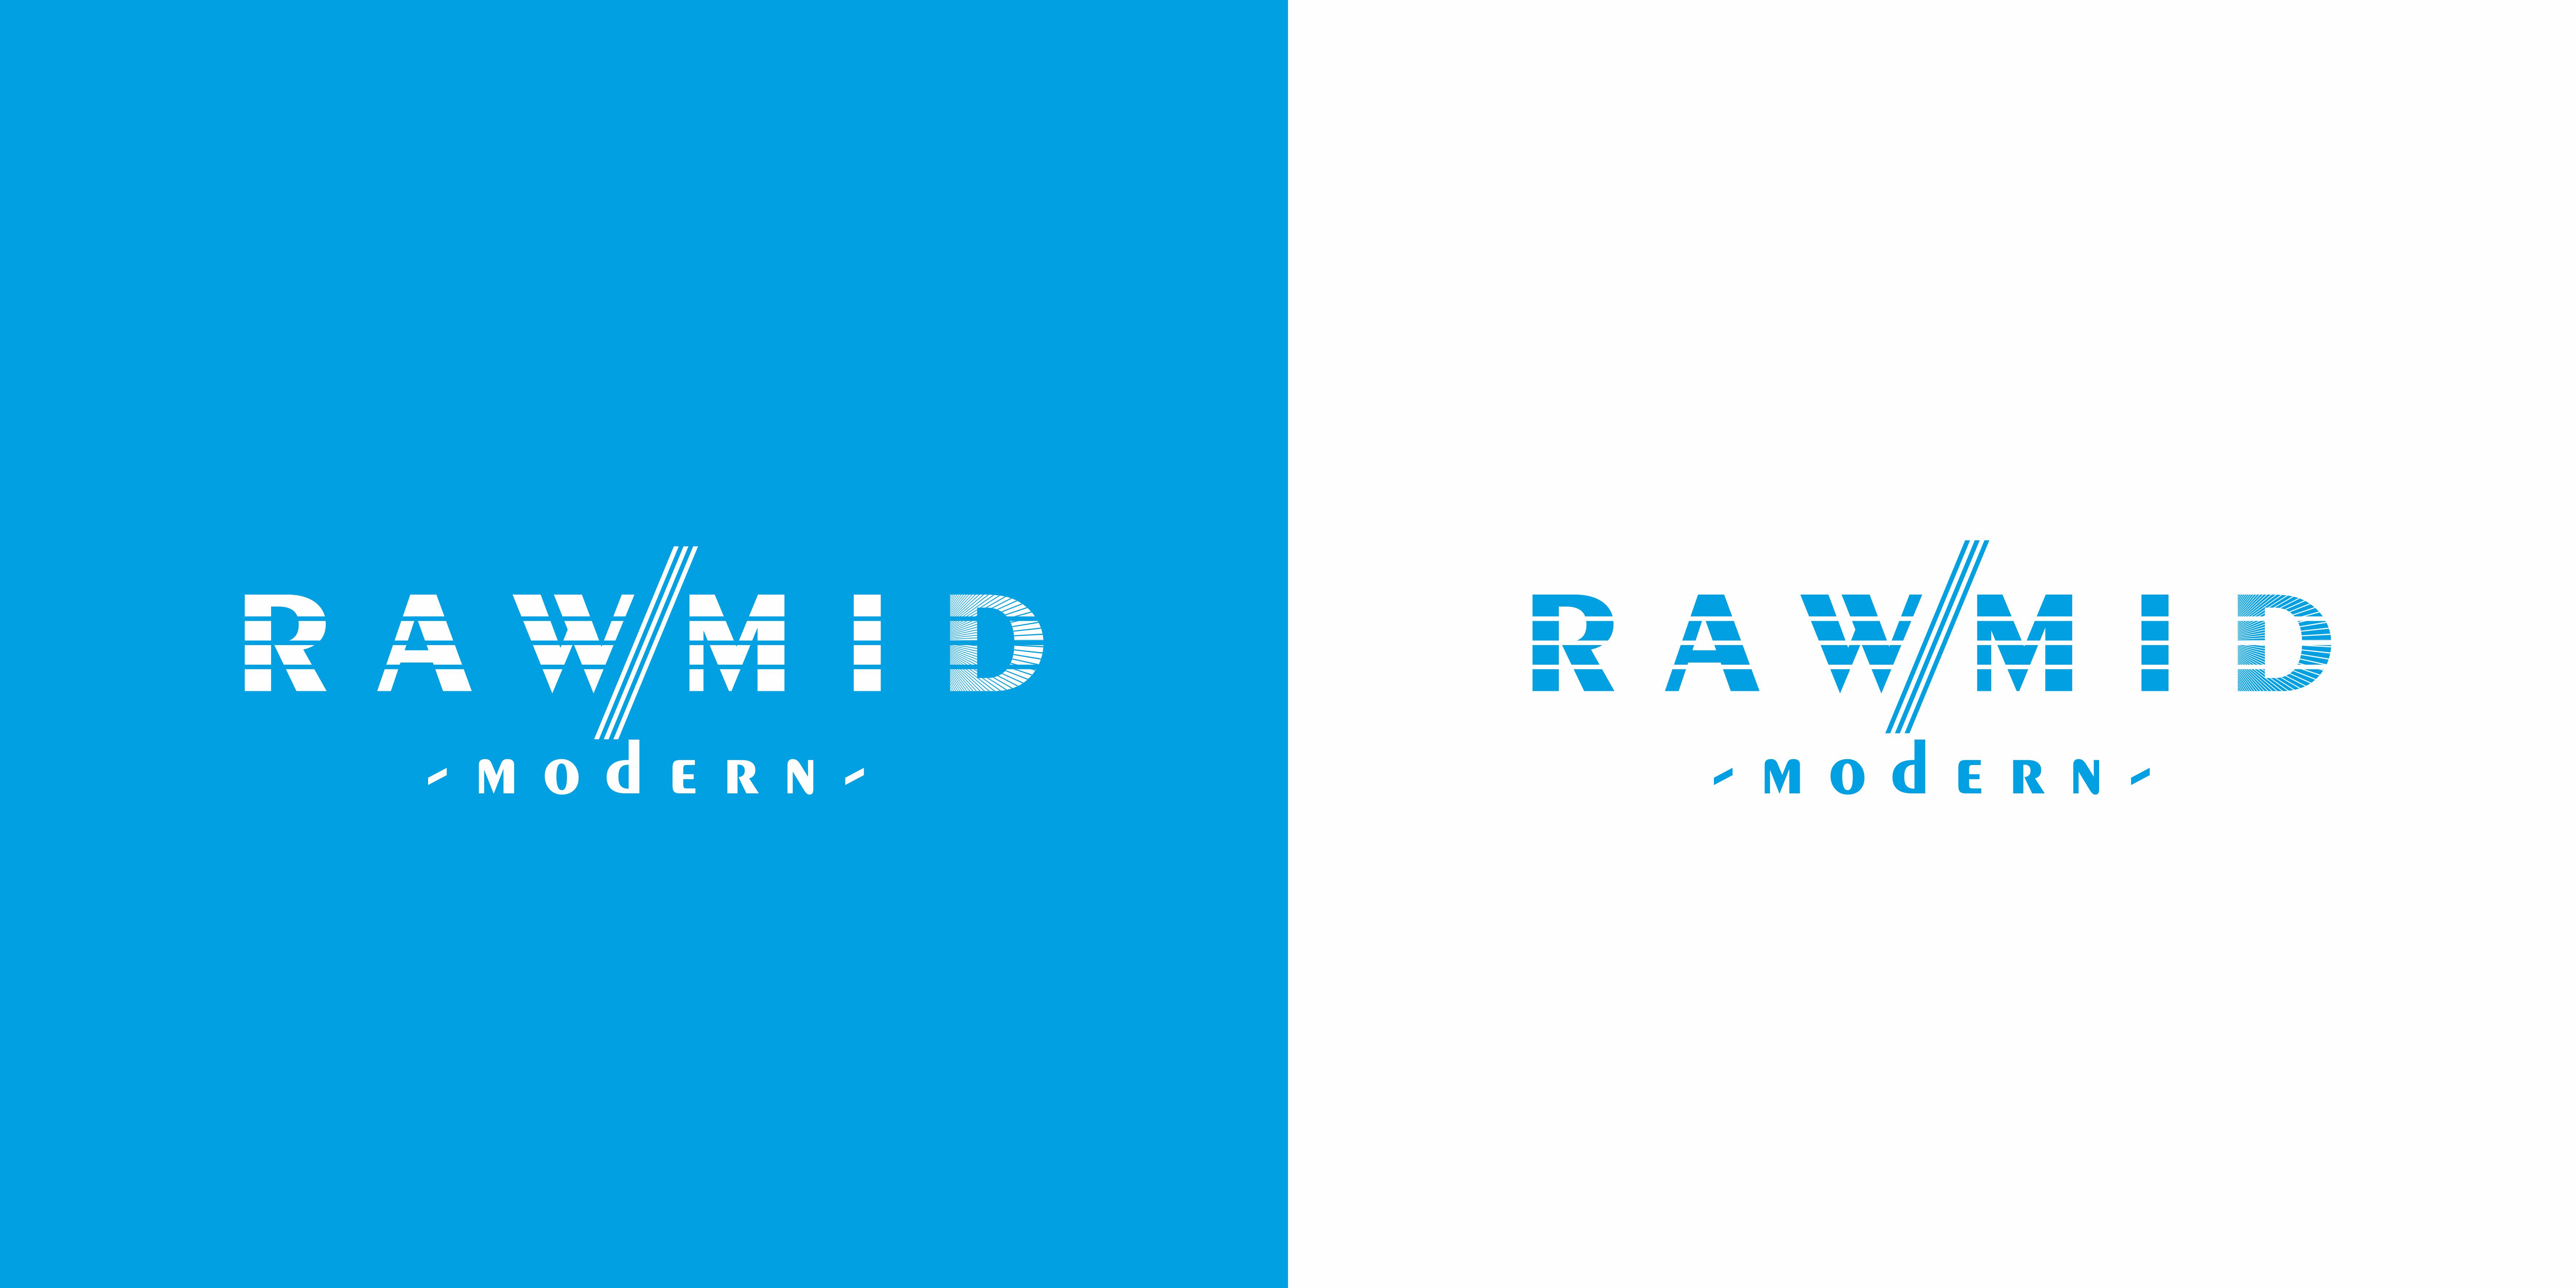 Создать логотип (буквенная часть) для бренда бытовой техники фото f_1225b4afcf96bd19.png